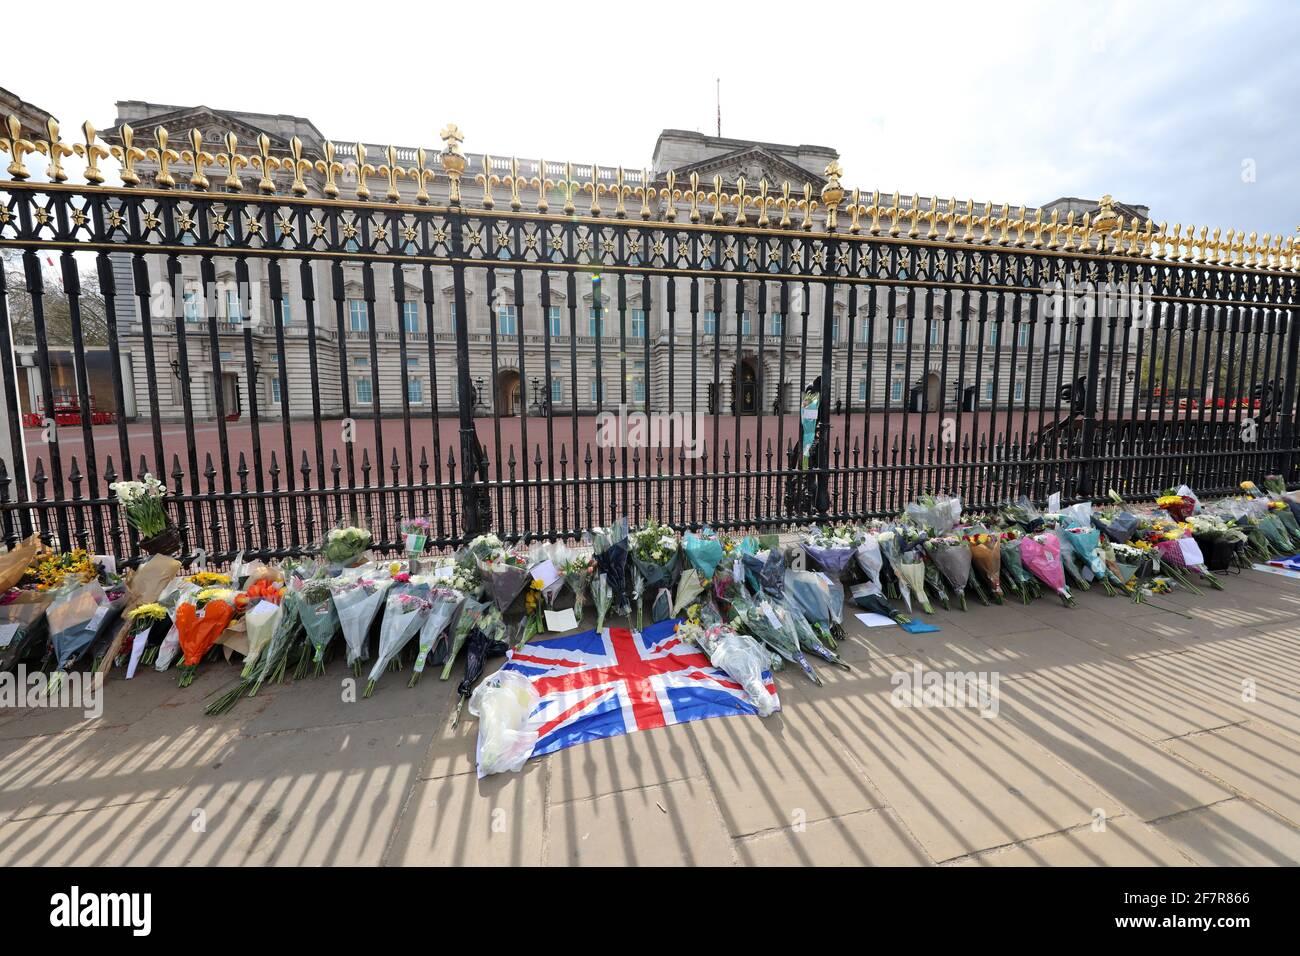 Londres, Reino Unido. 9th de Abr de 2021. Homenajes florales en el Palacio de Buckingham tras el anuncio de la muerte del Príncipe Felipe Crédito: Paul Brown/Alamy Live News Foto de stock